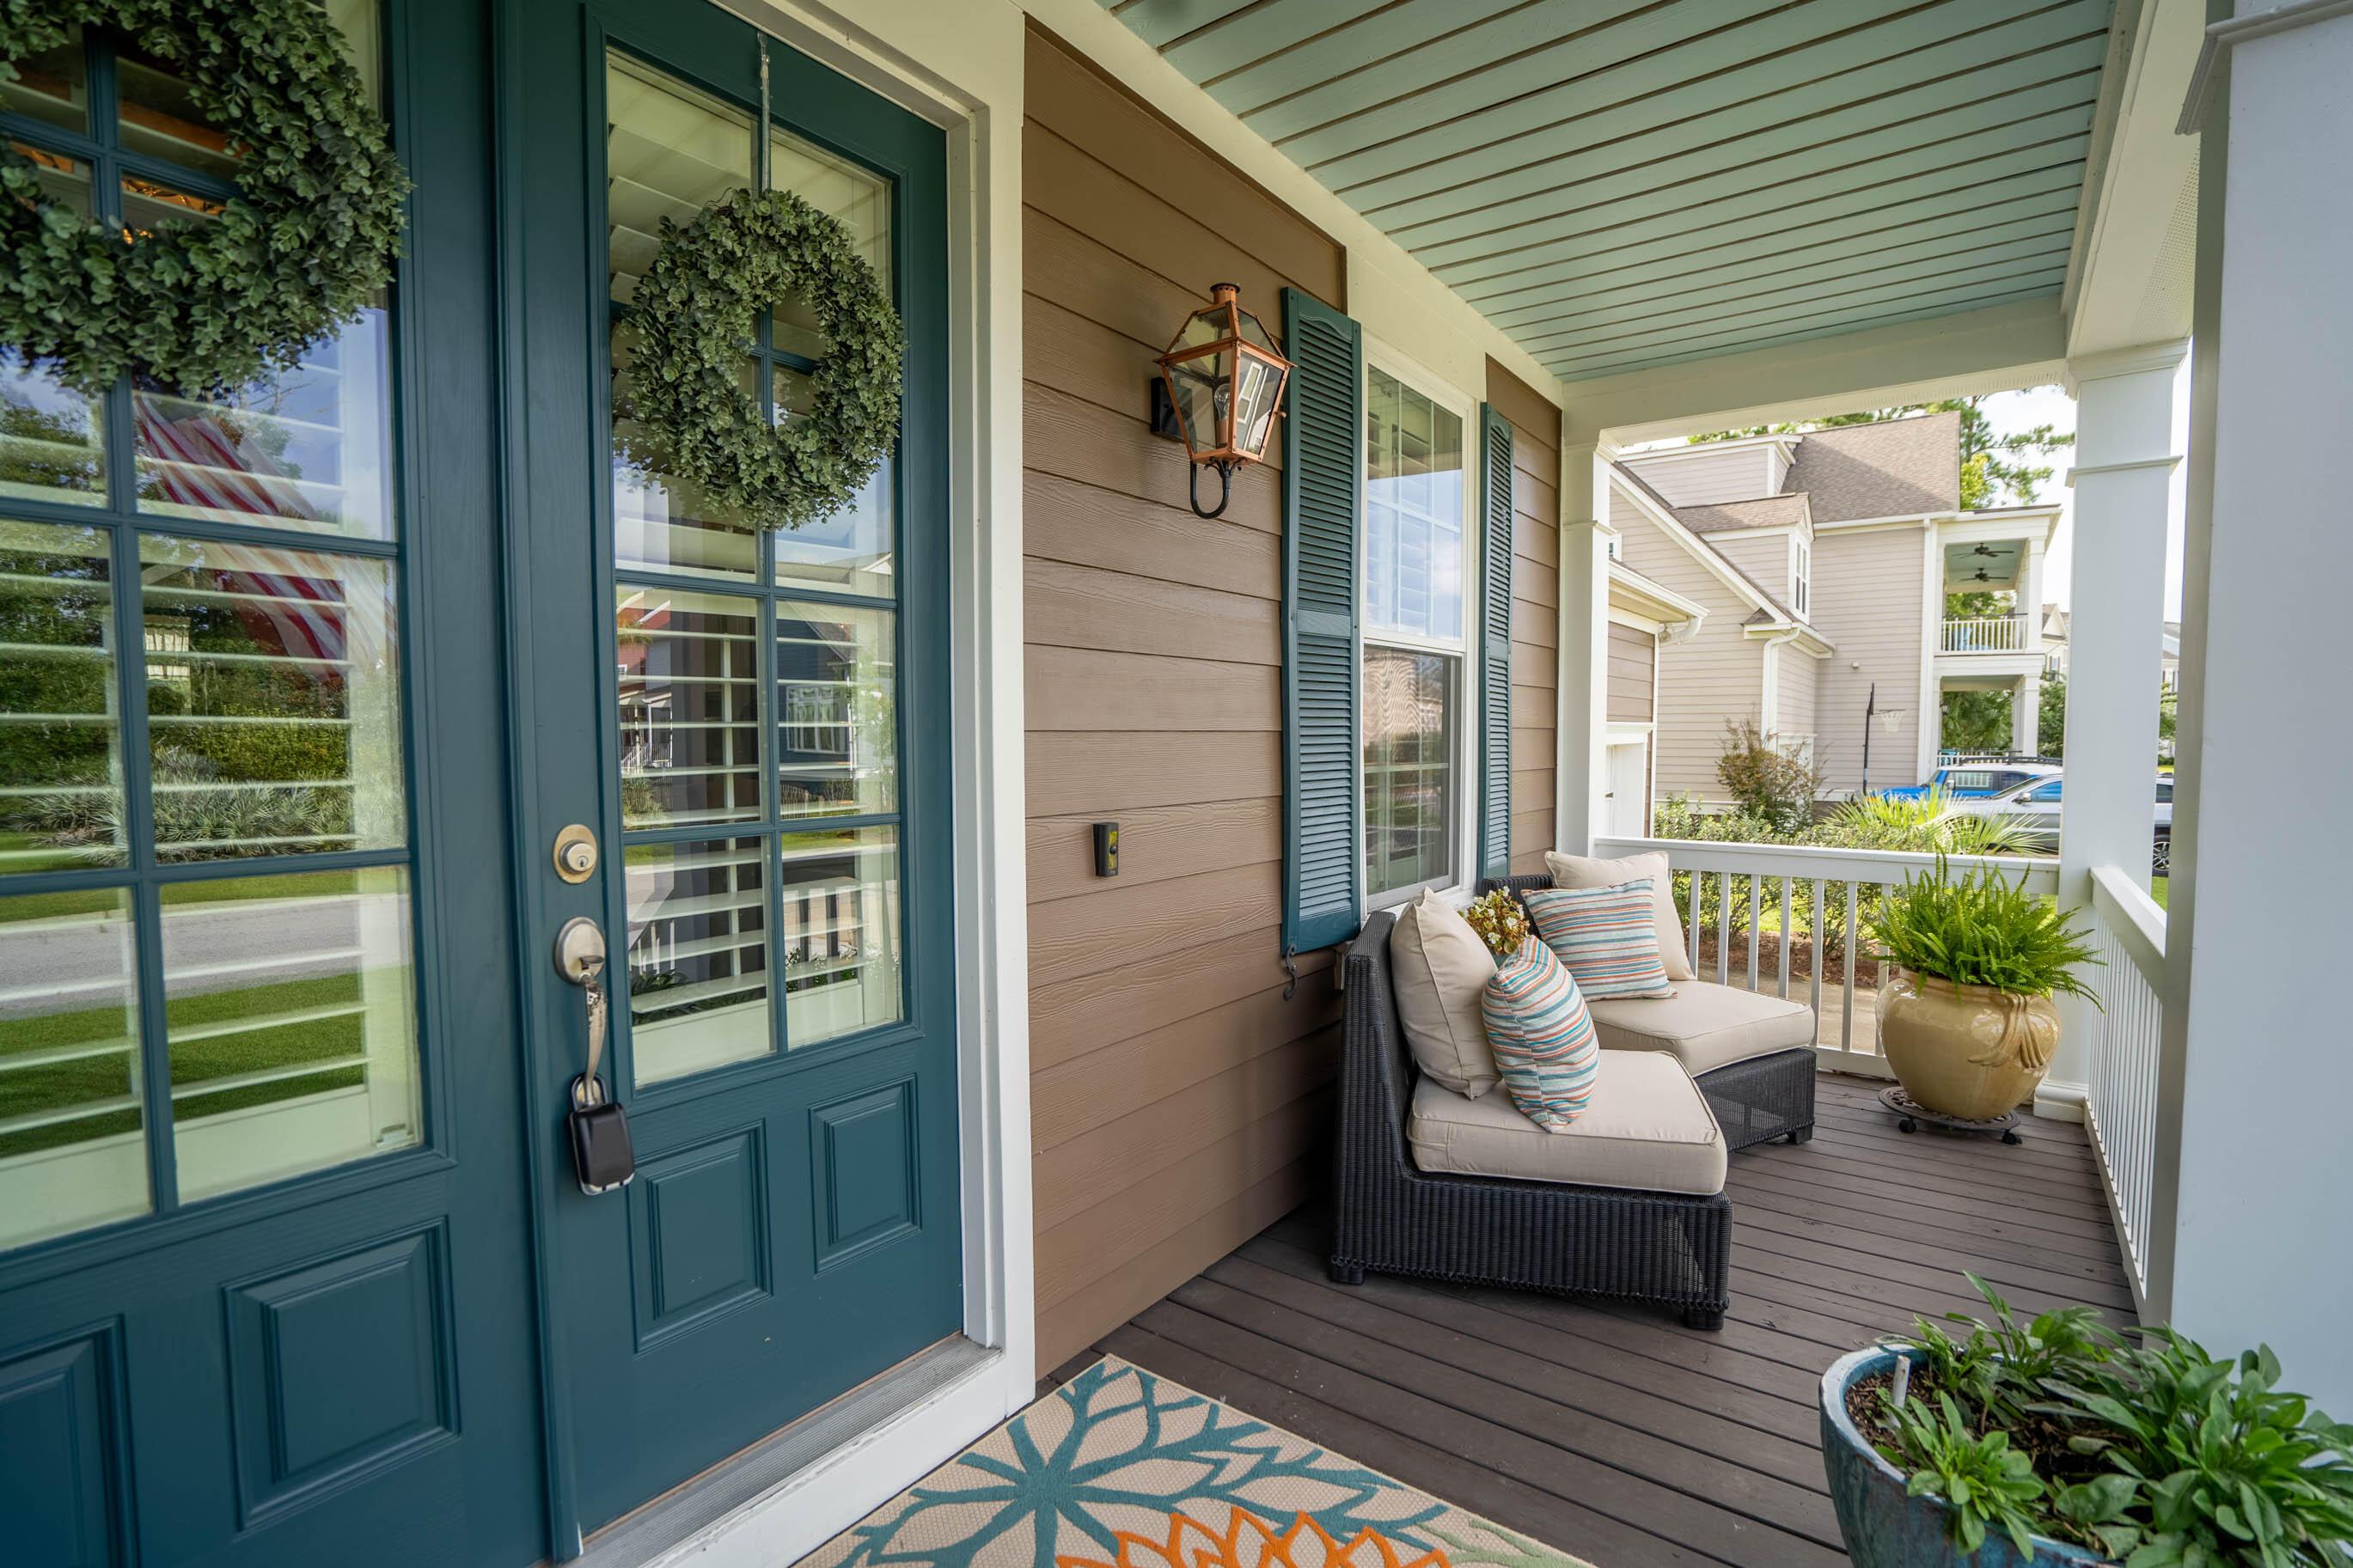 Dunes West Homes For Sale - 2997 Sturbridge, Mount Pleasant, SC - 17